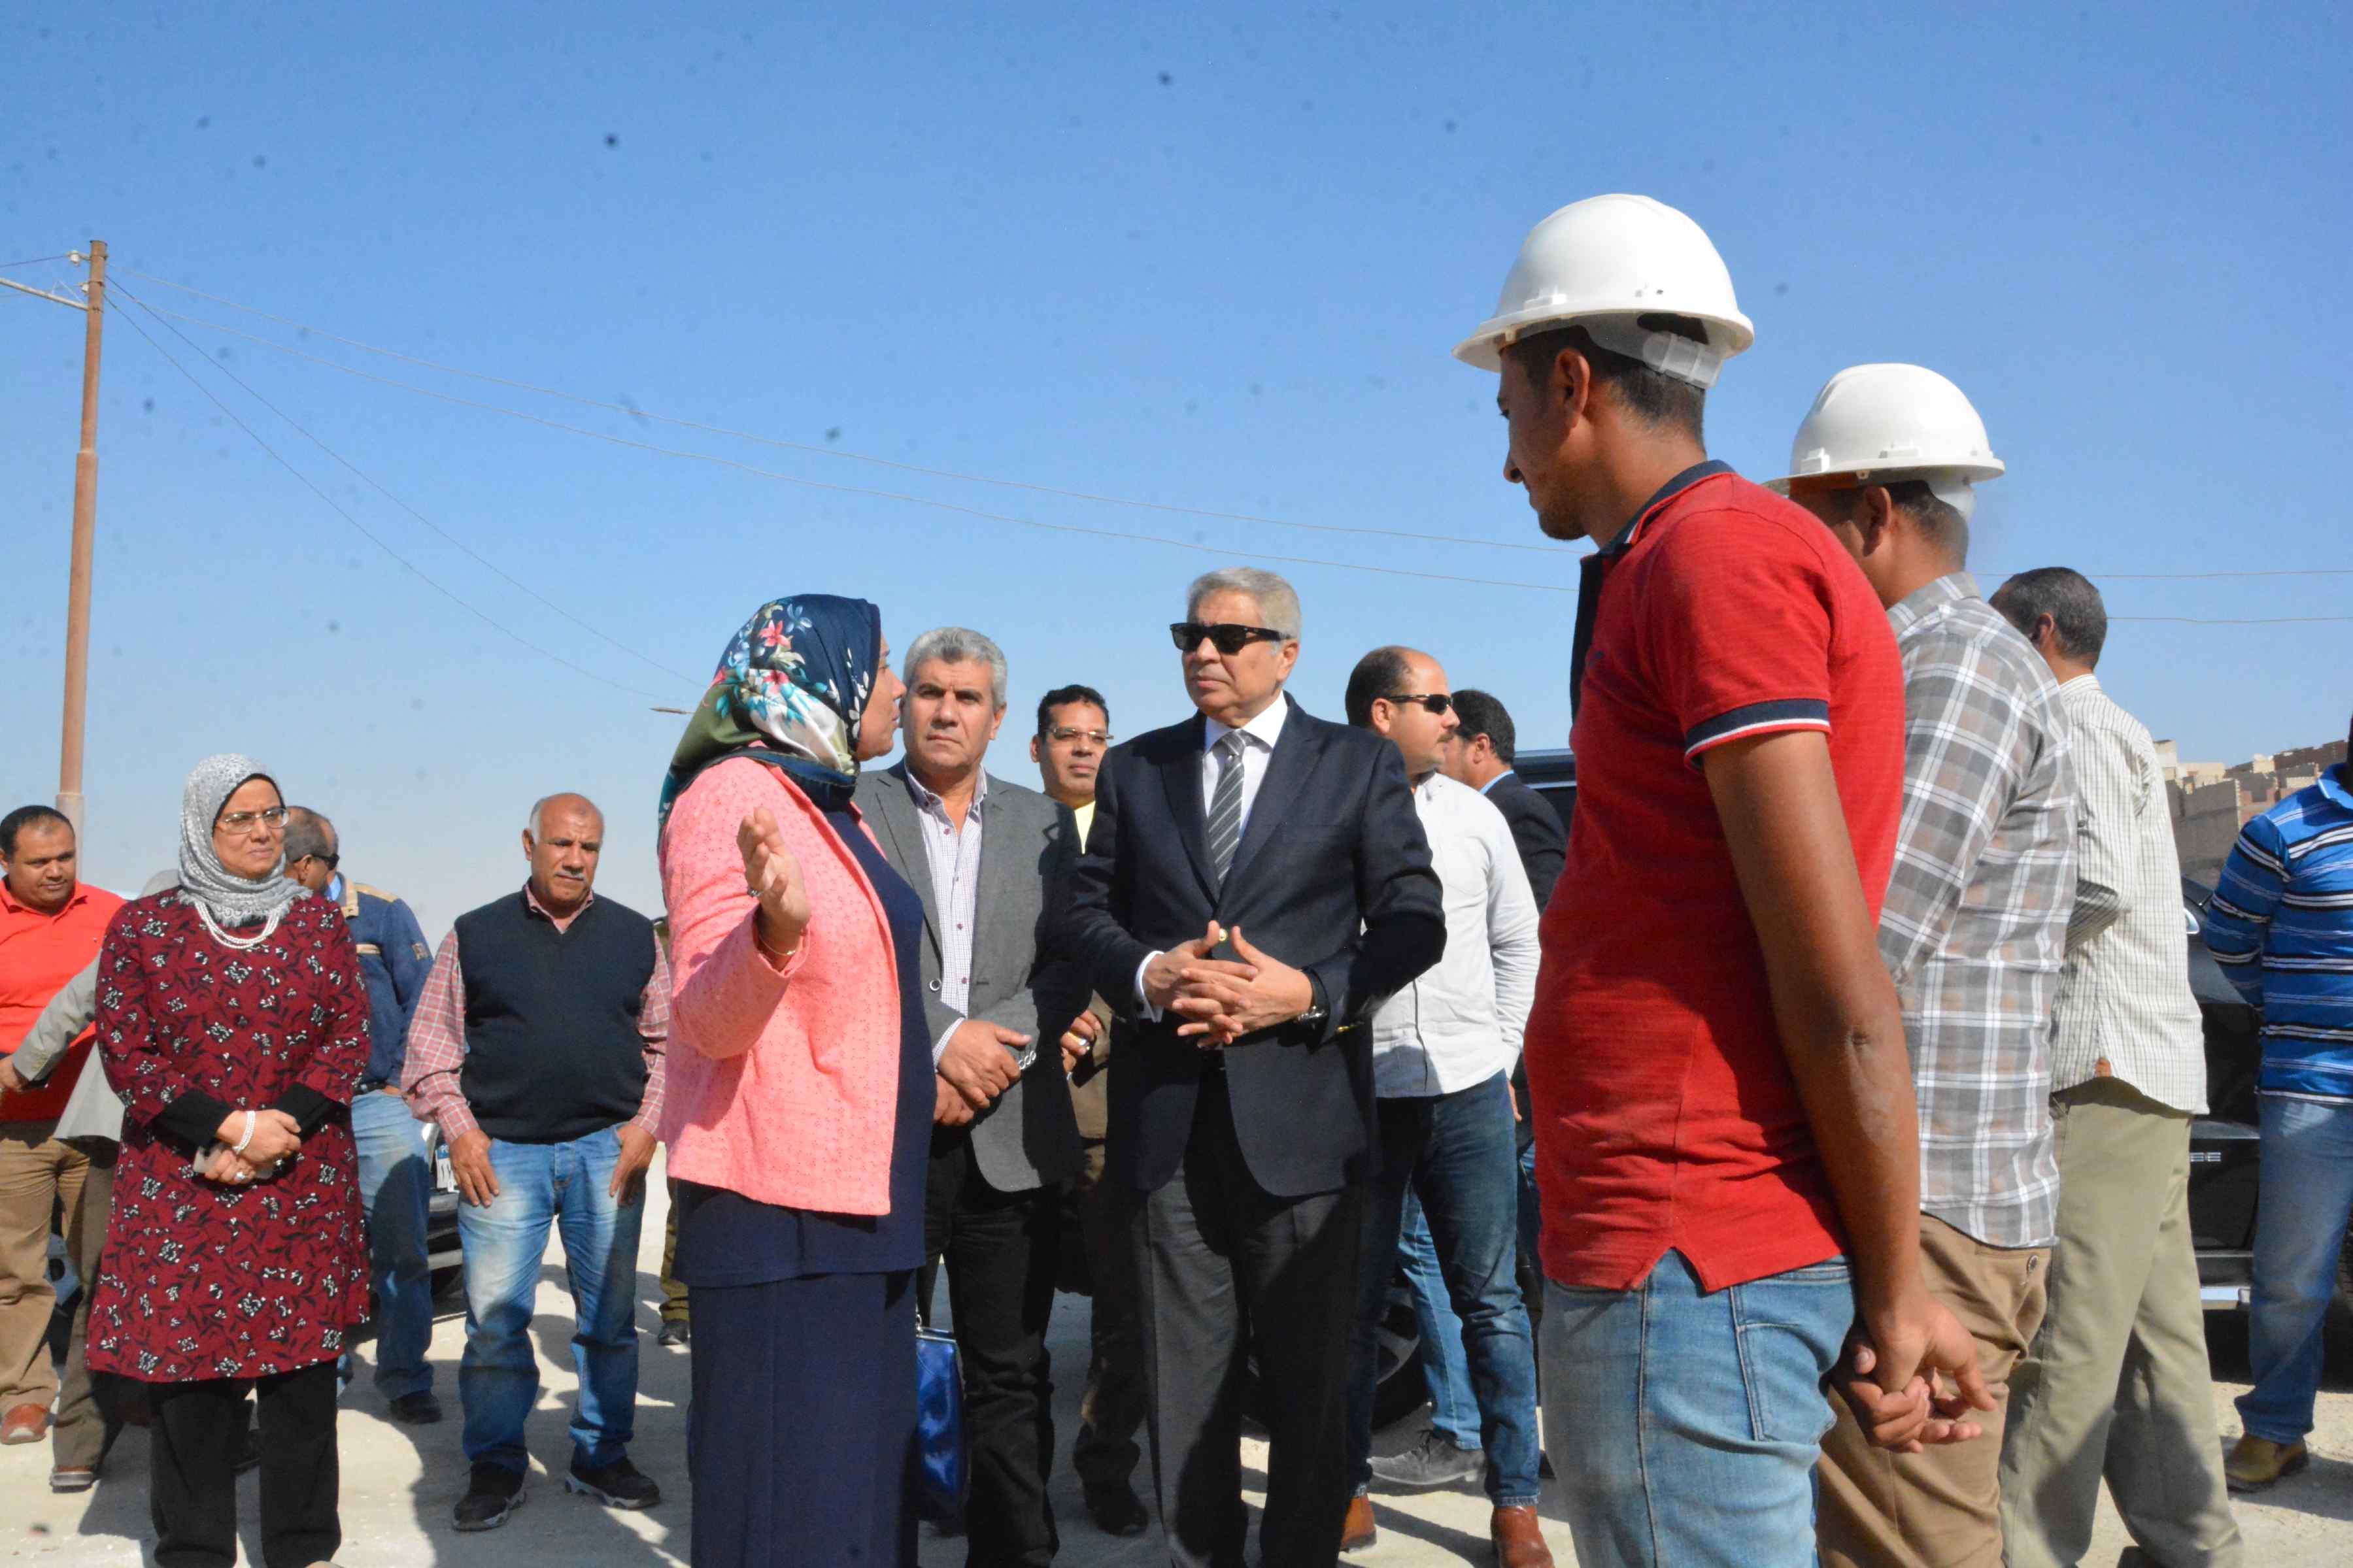 محافظ المنيا يتفقد أعمال مشروع الصرف الصحى بقرية دير جبل الطير (1)